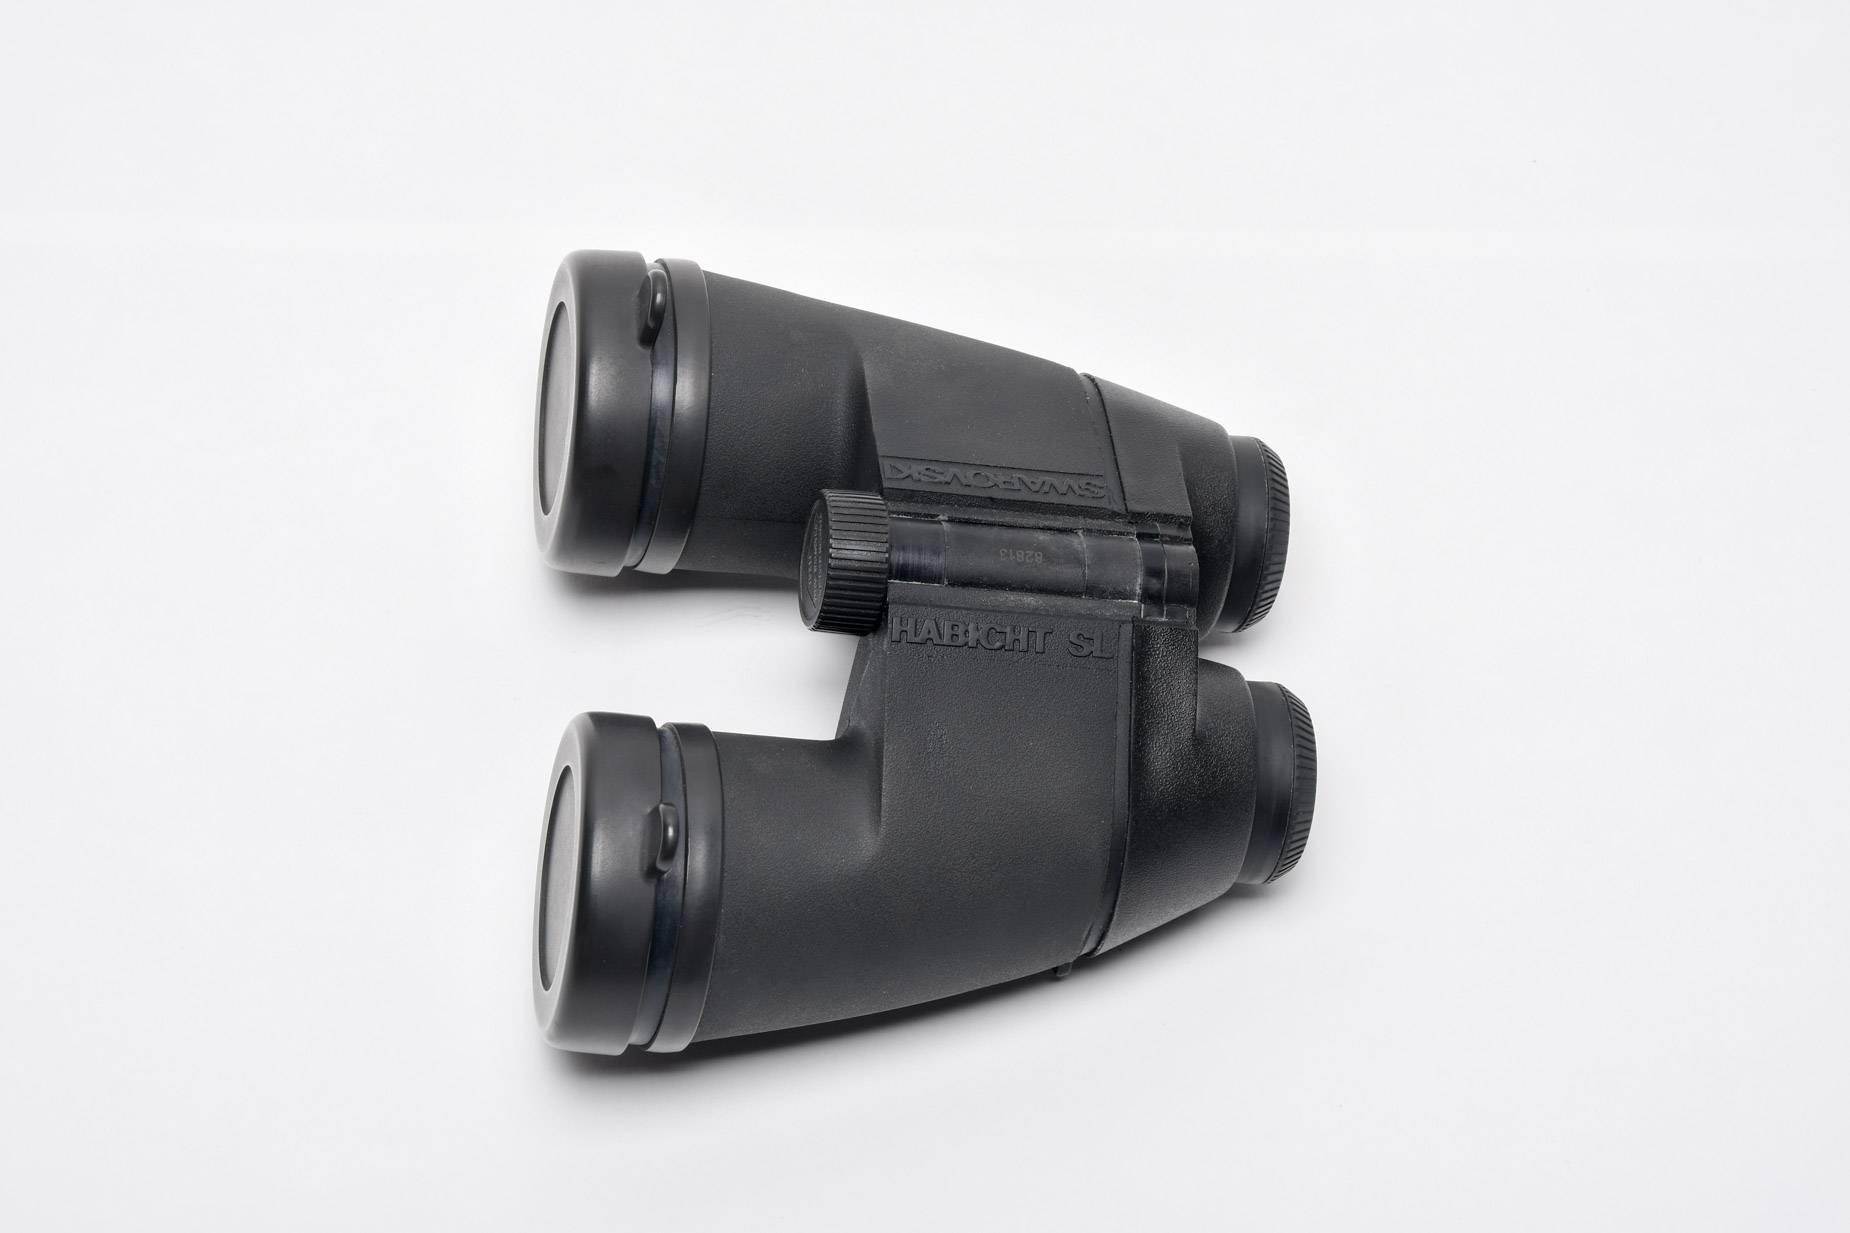 Nikon Mit Entfernungsmesser 2 5 10x40 : Fernglas swarovski habicht sl gebrauchte optik